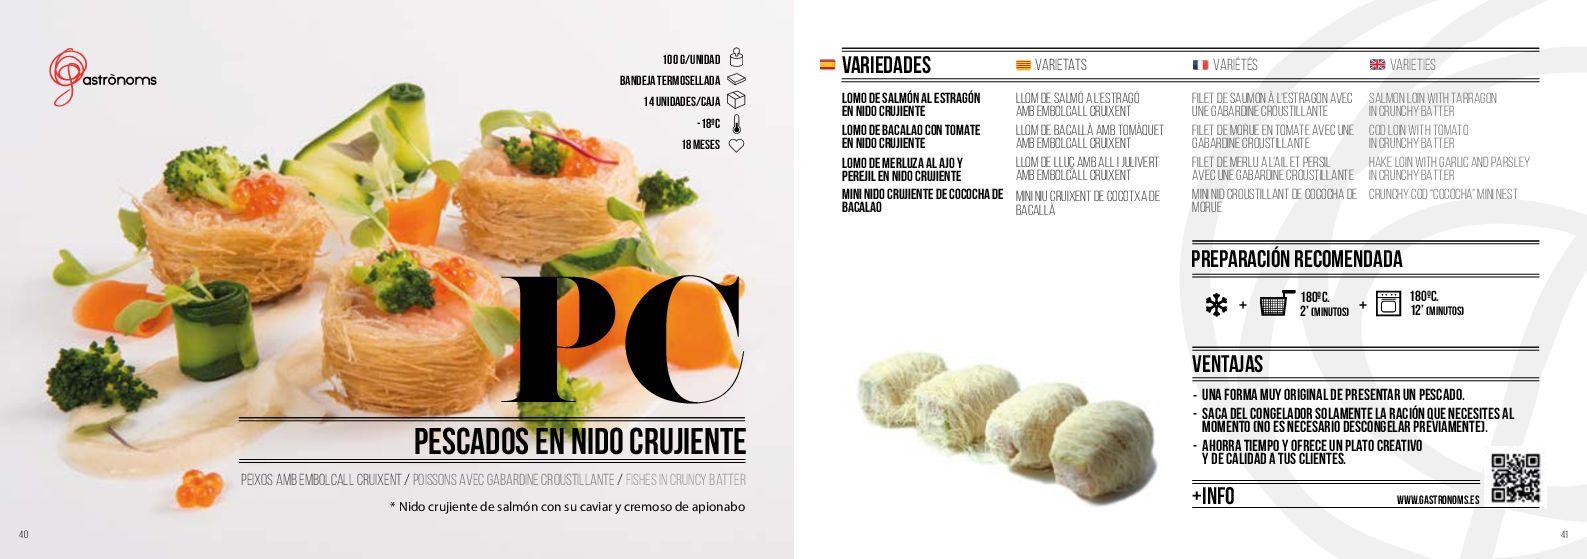 gastronoms - Pàg. 021